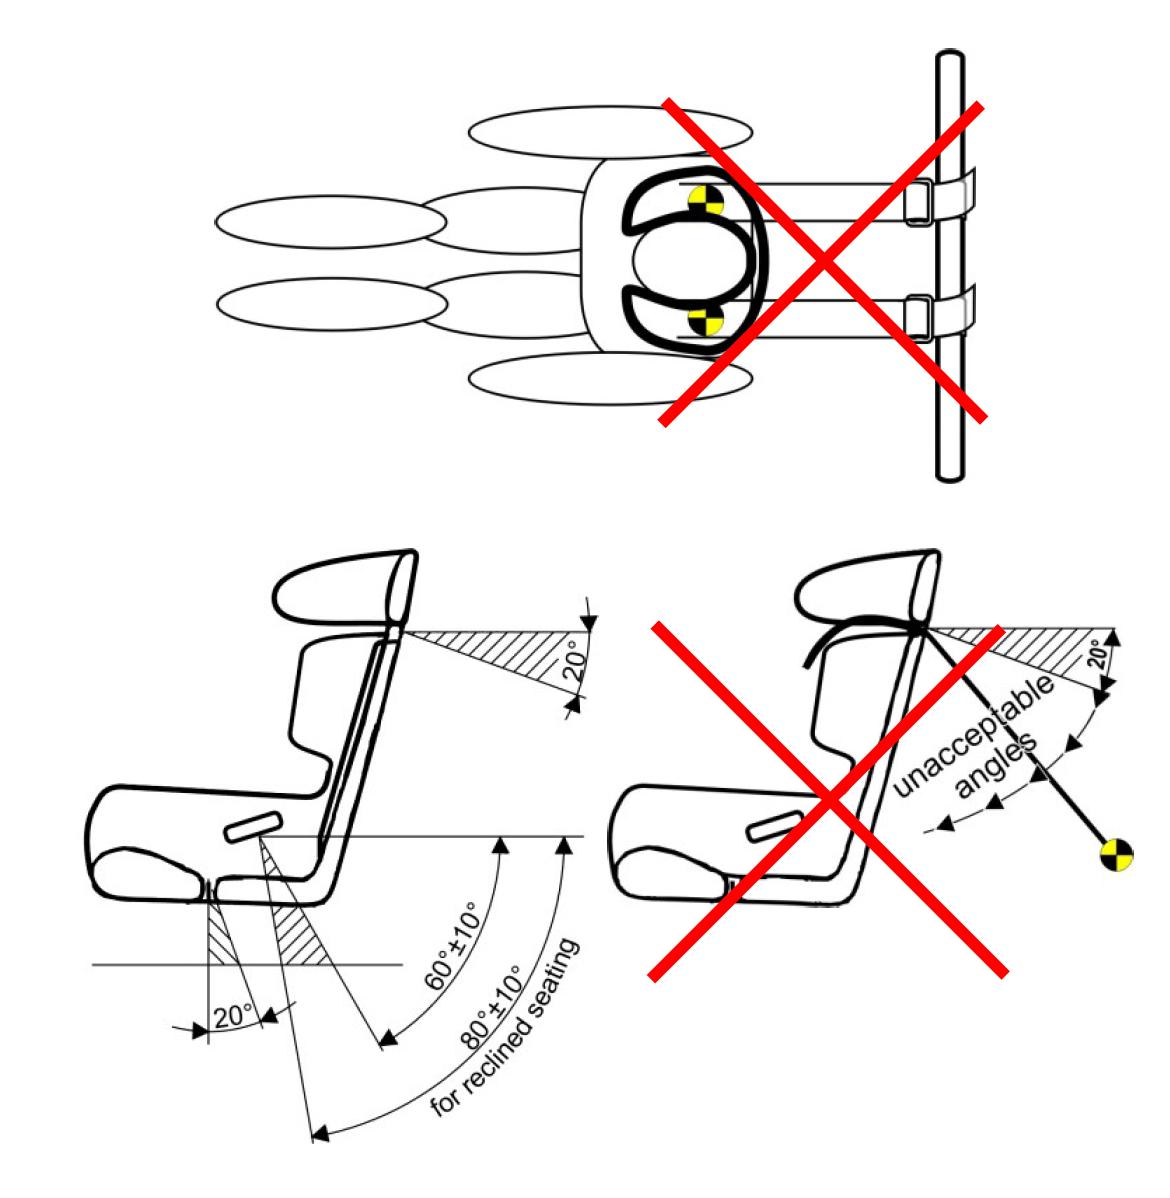 hight resolution of install harnes diagram